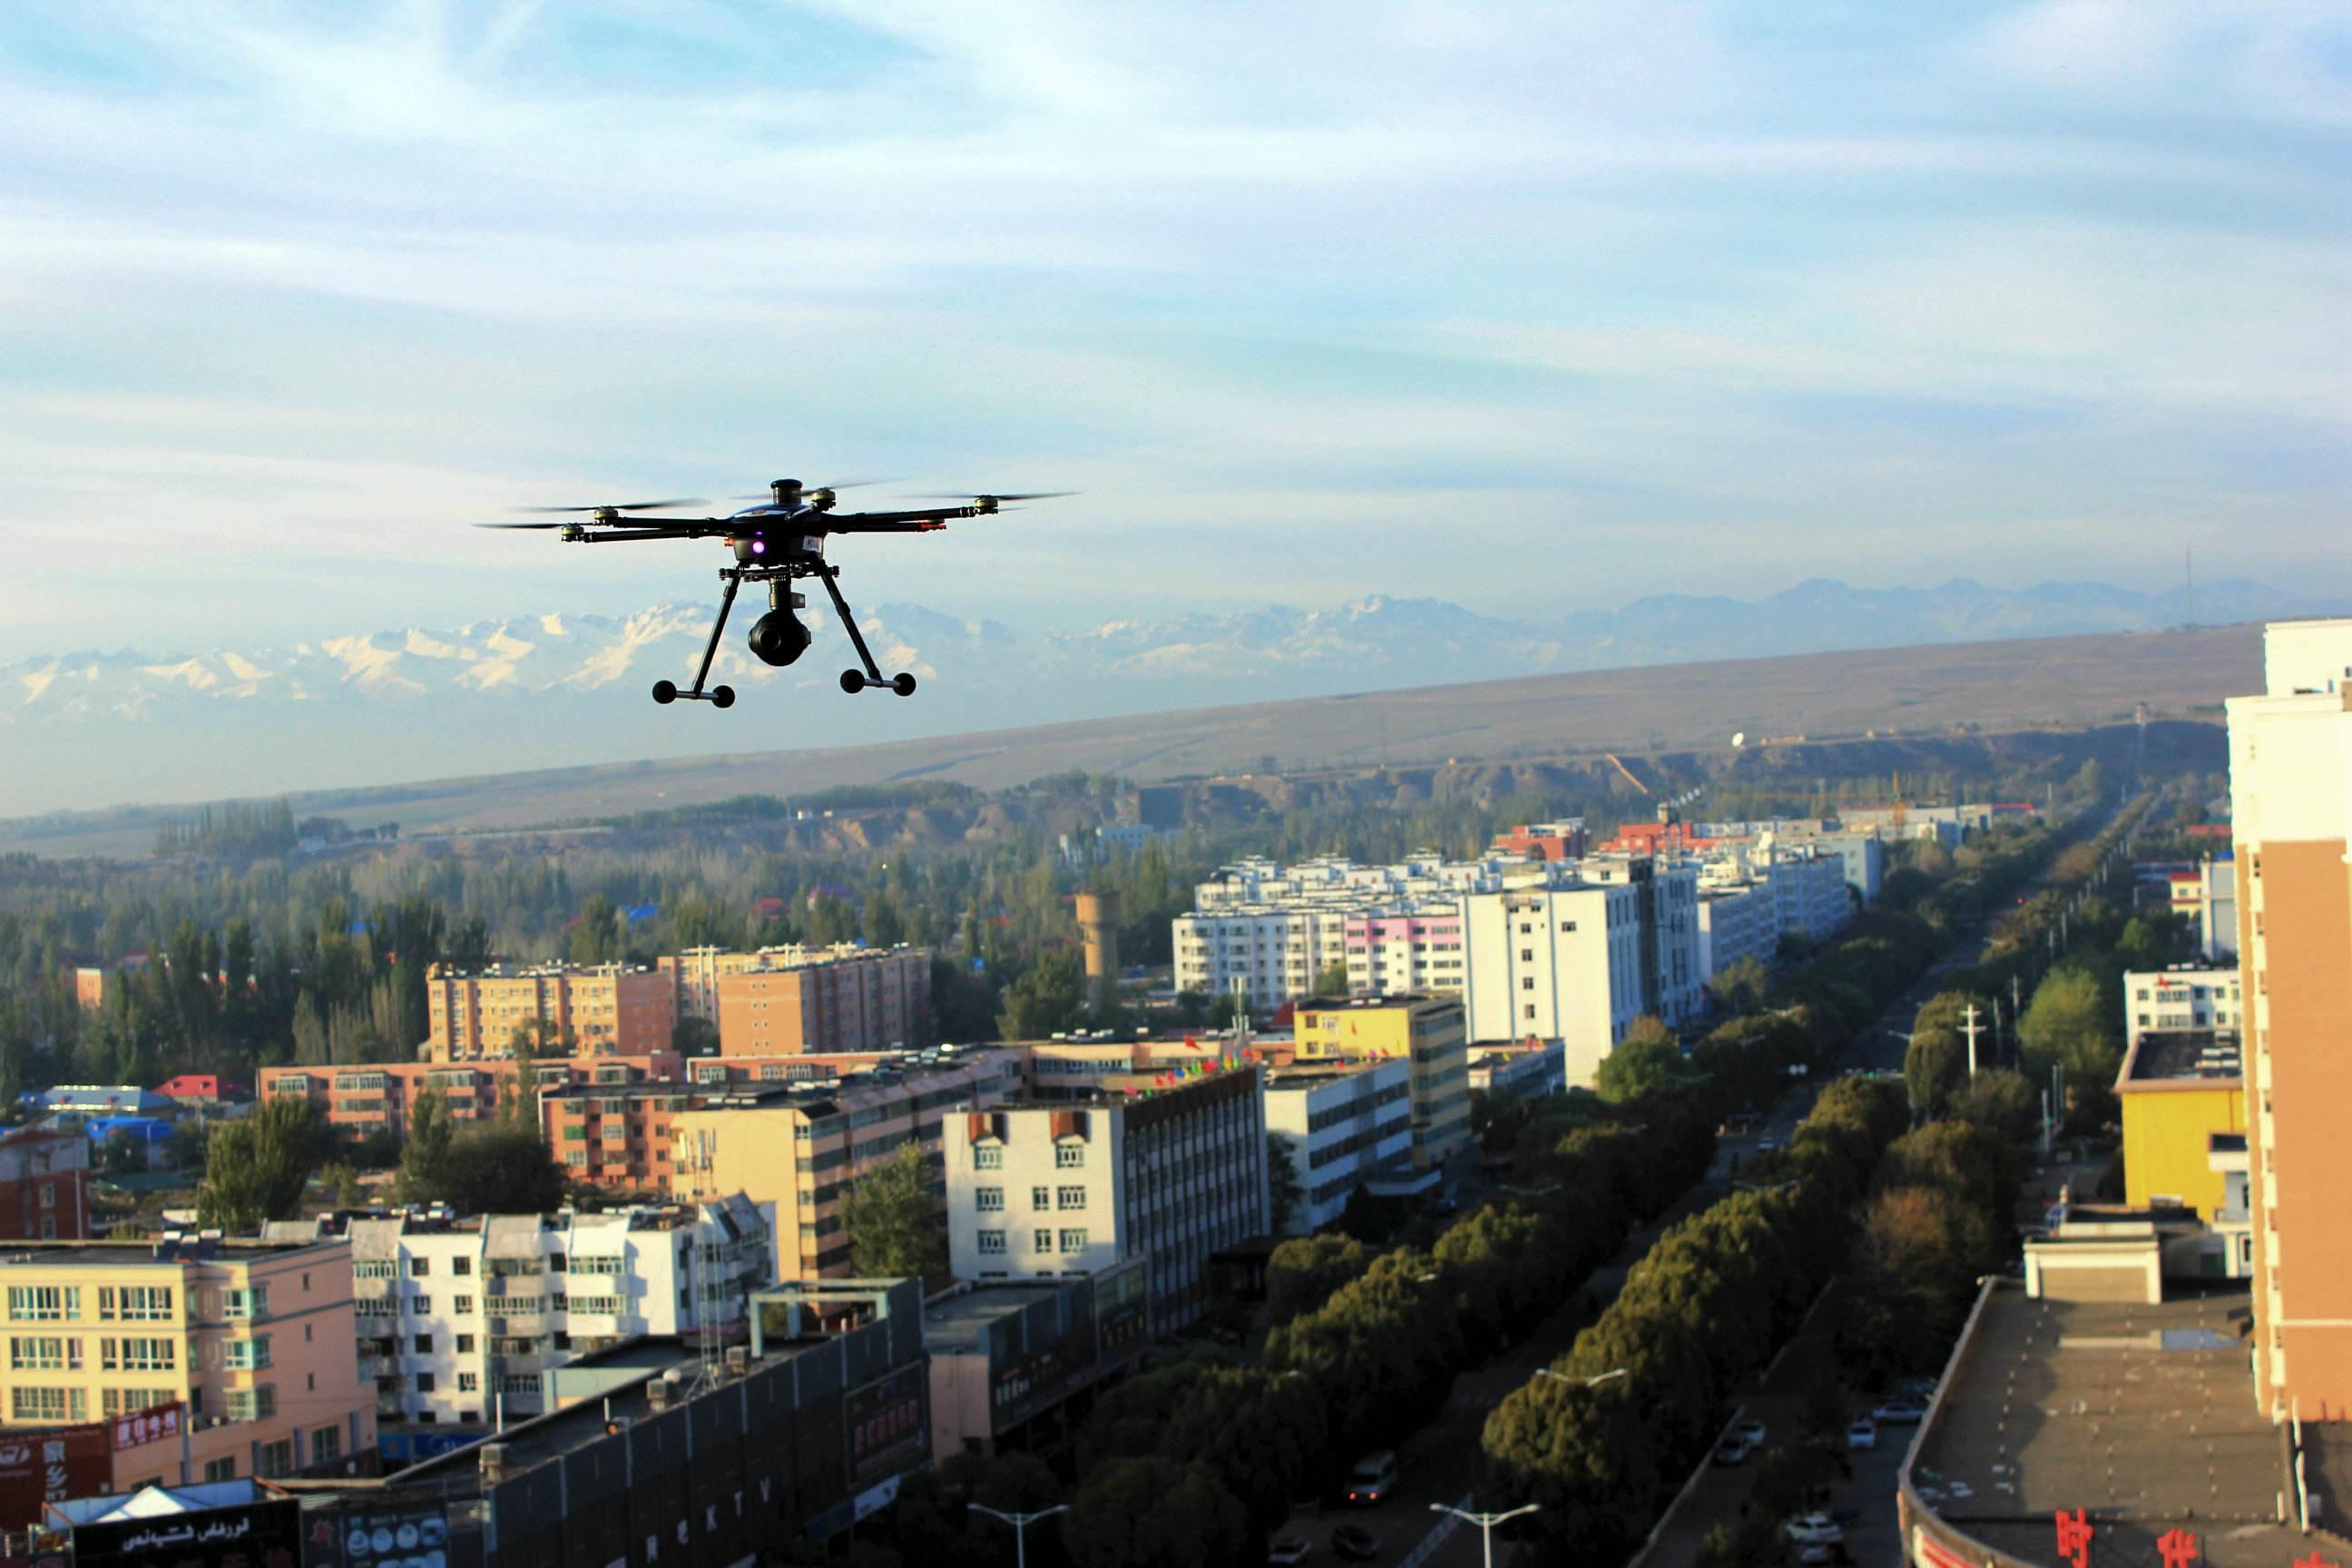 新型无人机为甘肃自然灾害预警监测提供科学依据